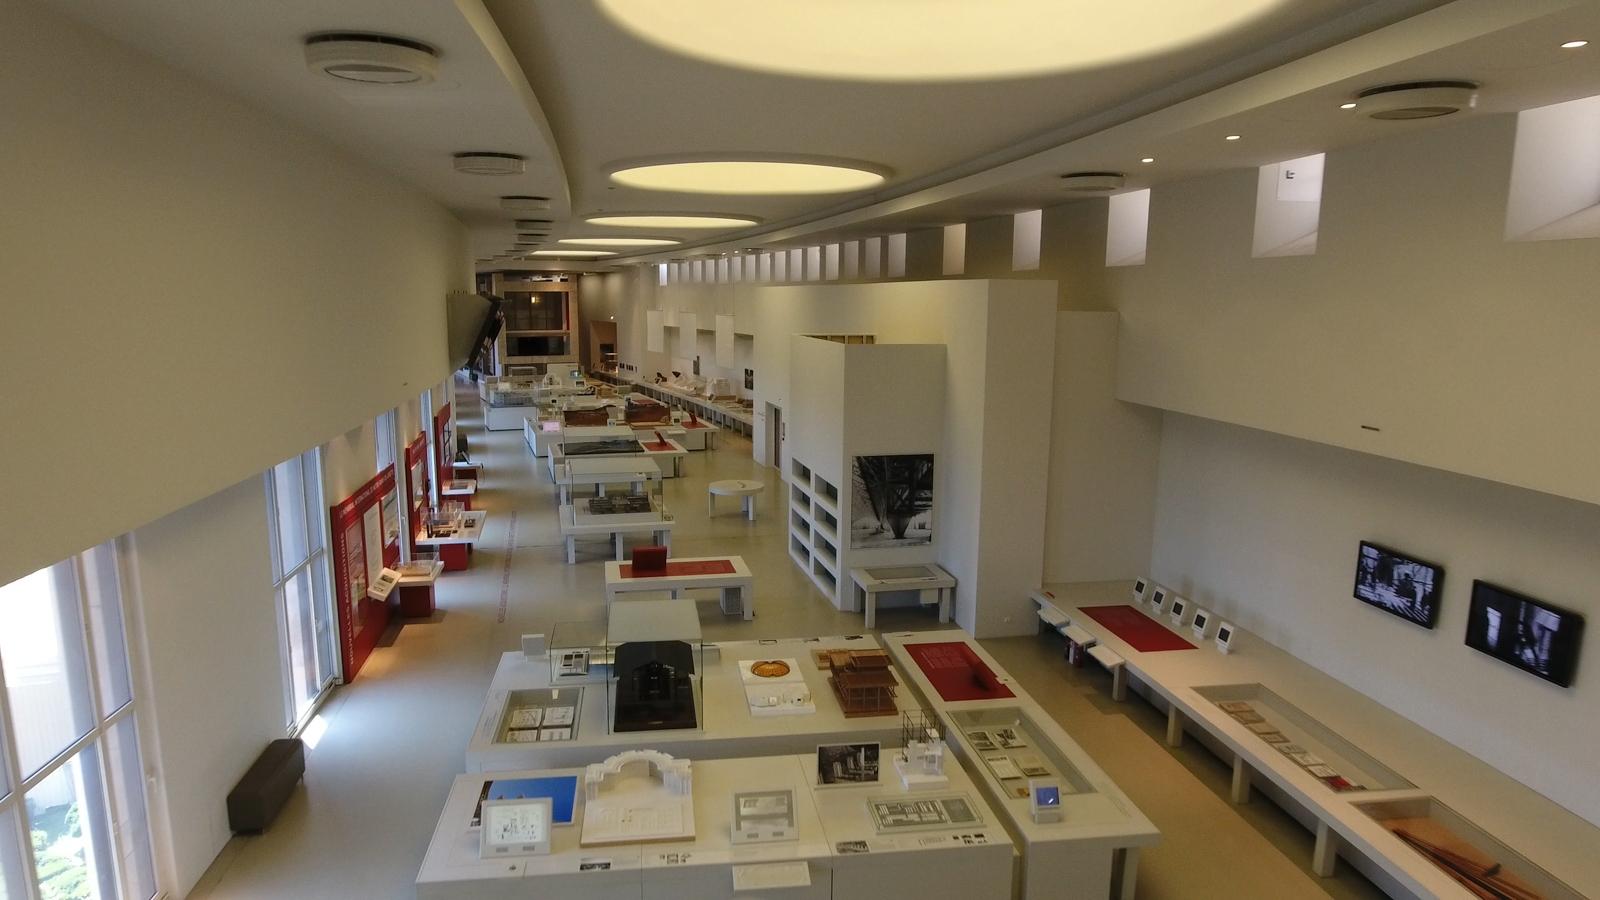 CiteArchi_SalCité de l'Architecture et du Patrimoine (salle moderne)leModerne-02